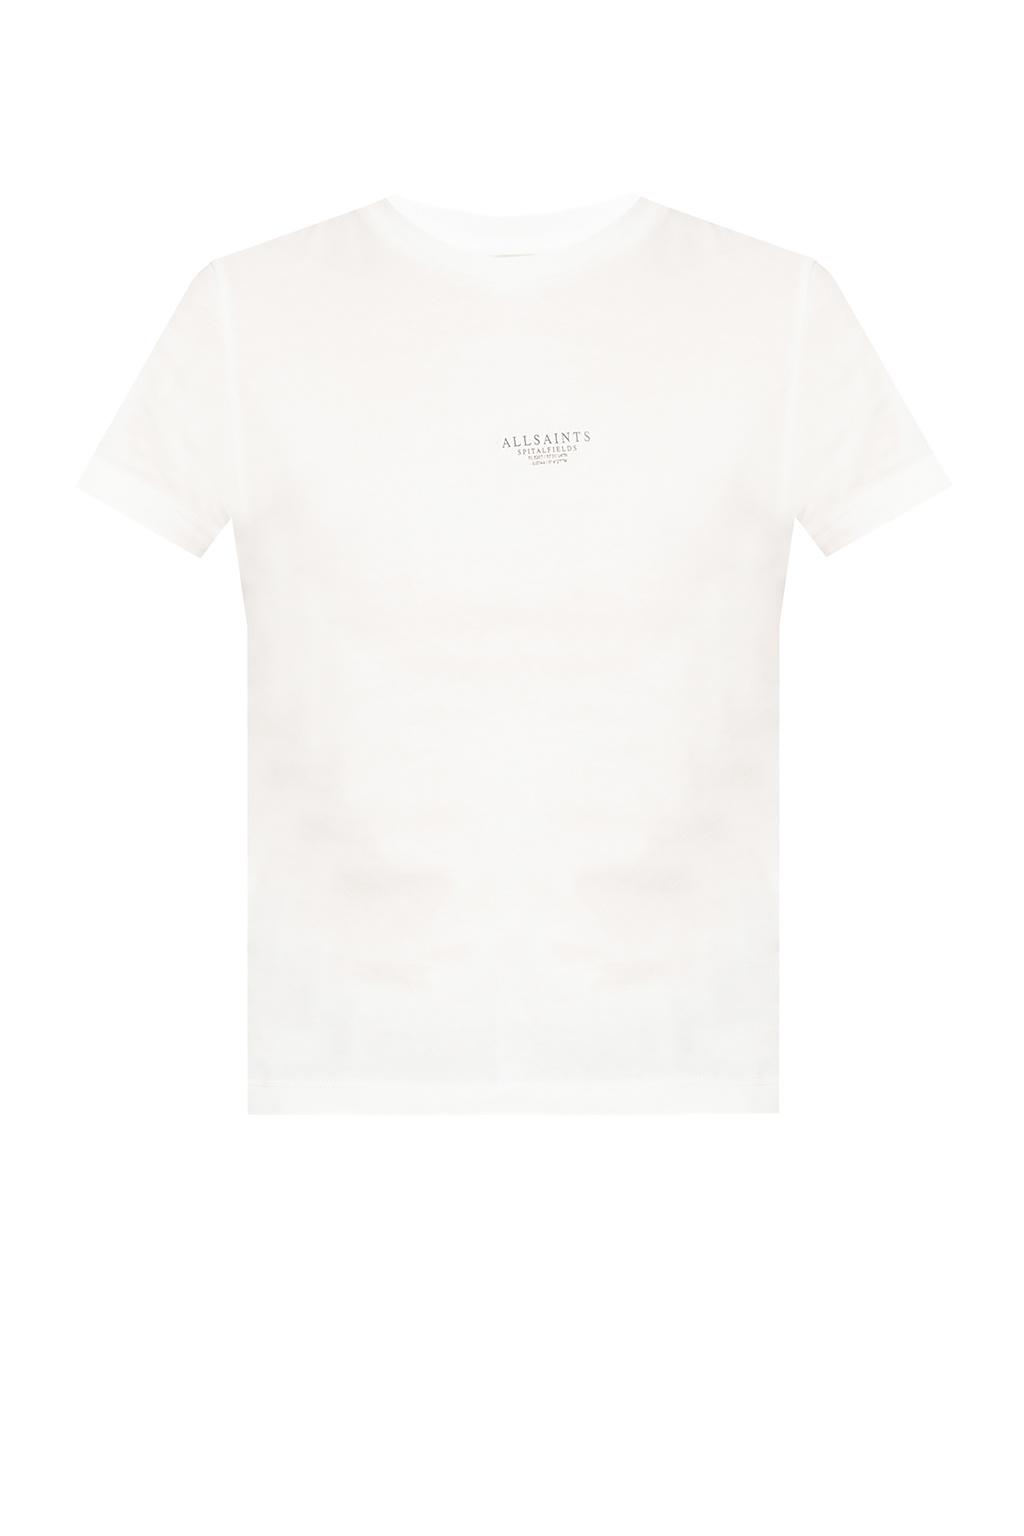 AllSaints 'Em' T-shirt